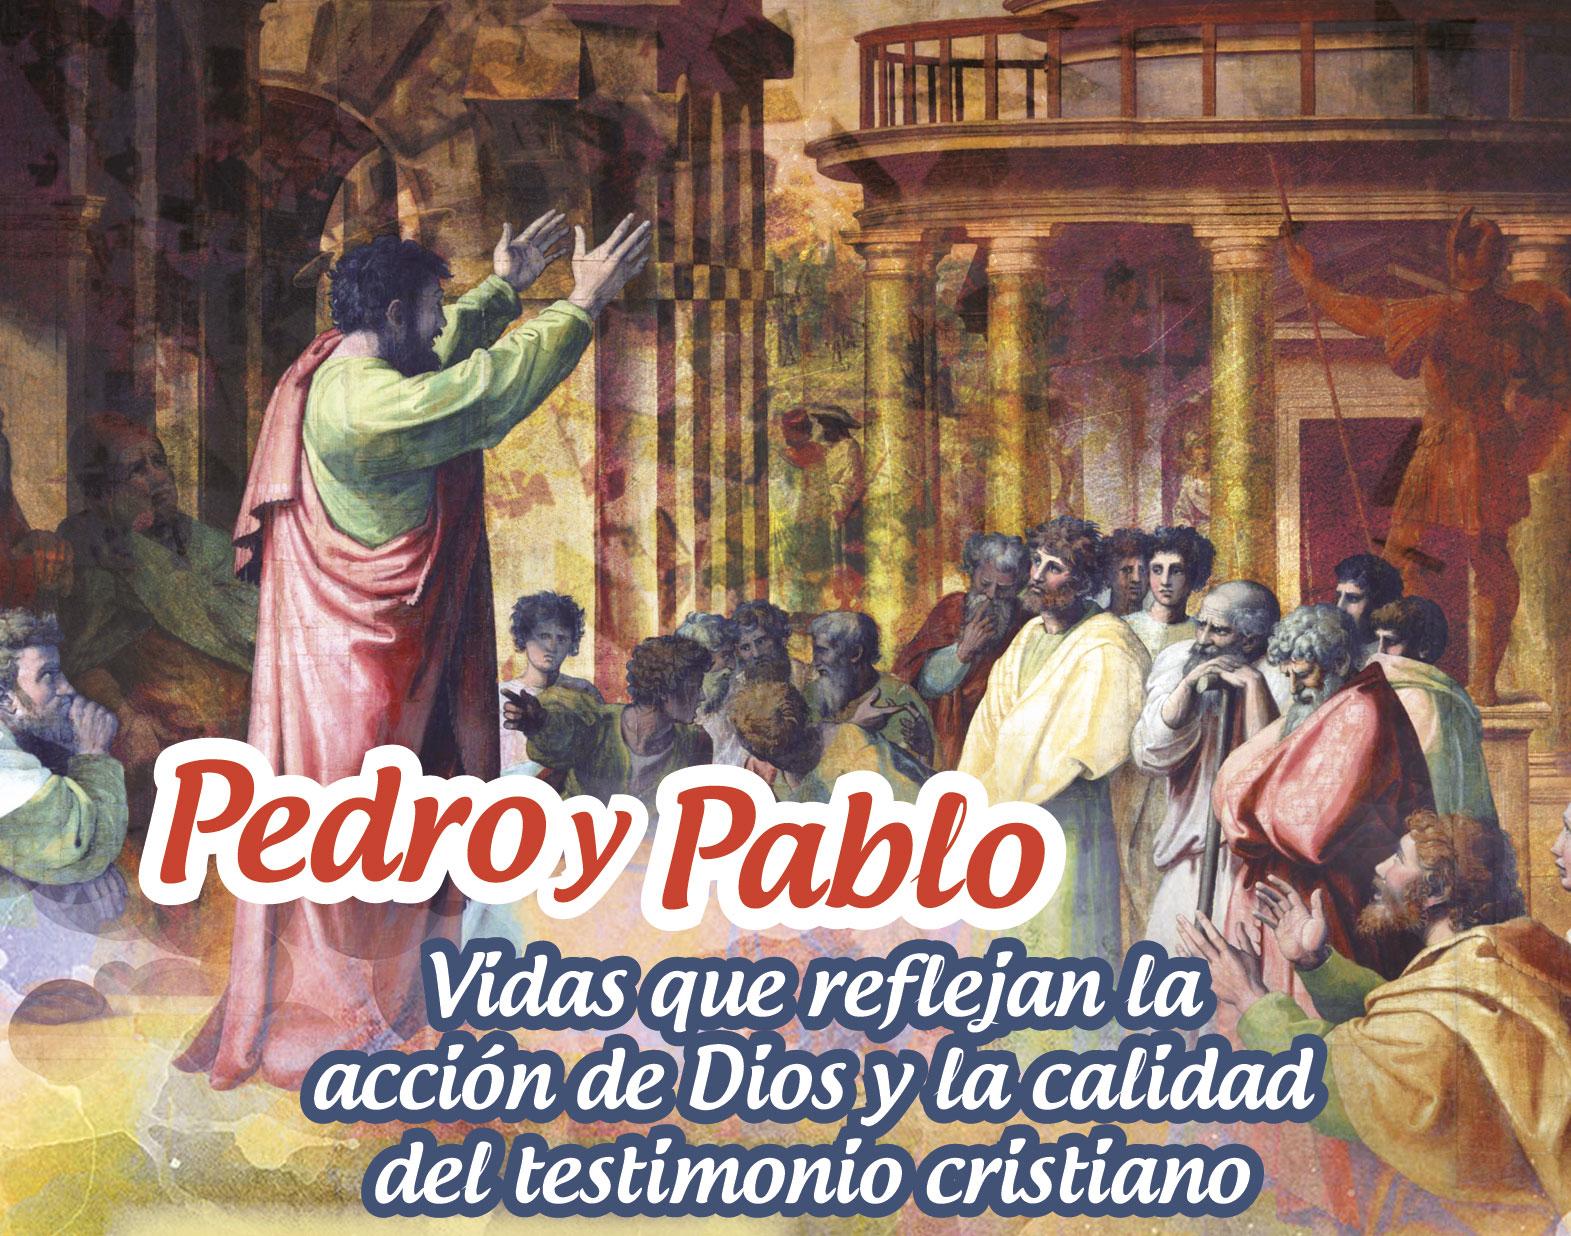 Pedro y Pablo: Vidas que reflejan la acción de Dios y la calidad del testimonio cristiano